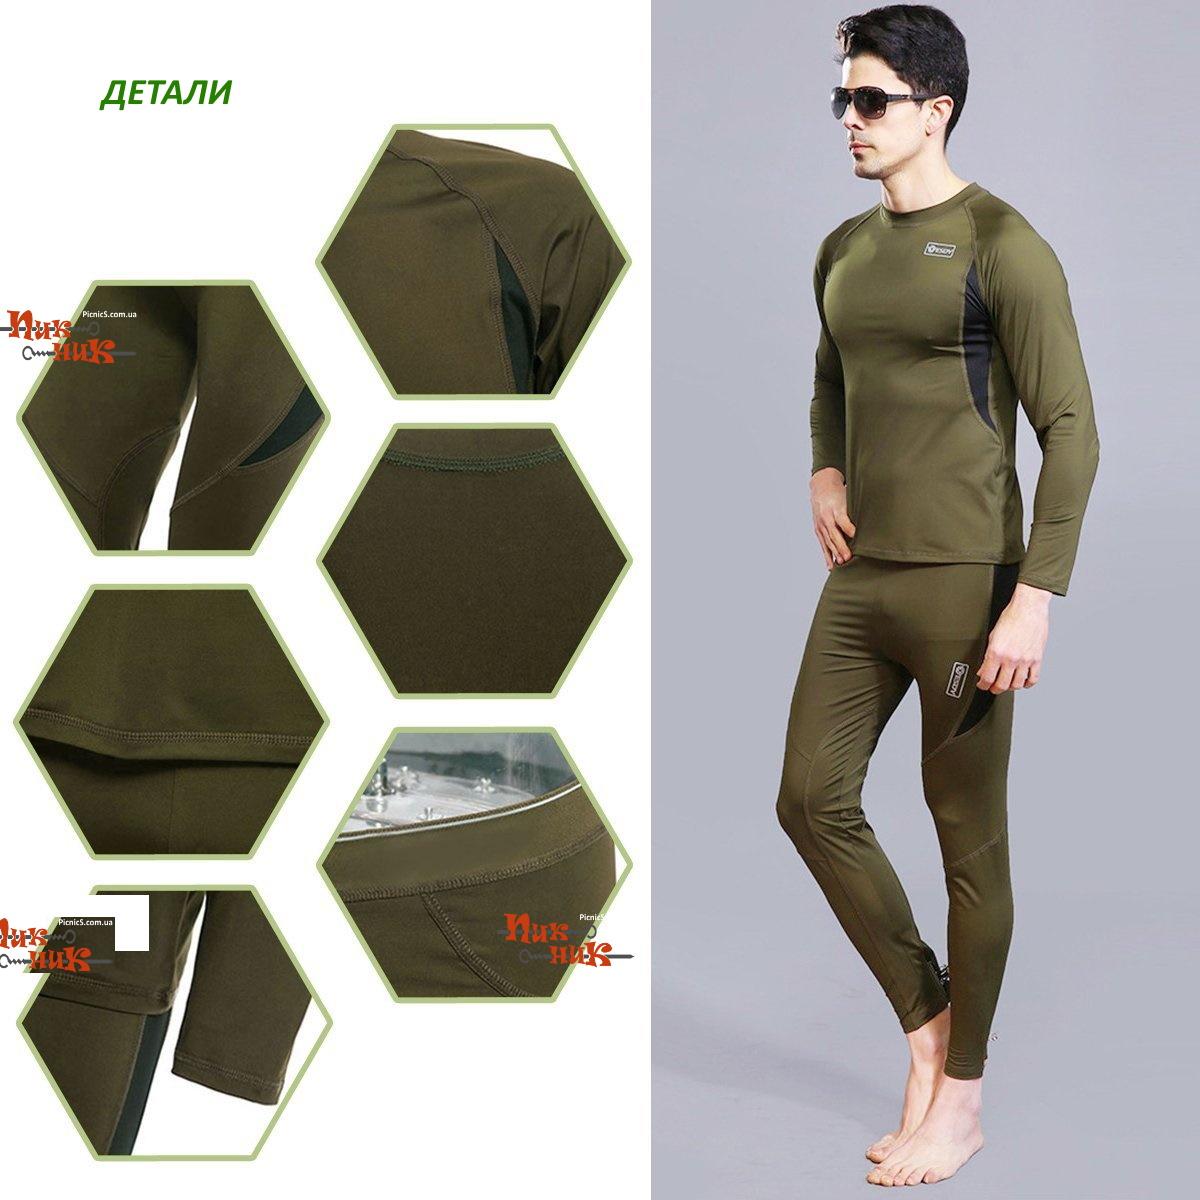 флисовое термобелье мужское армейское